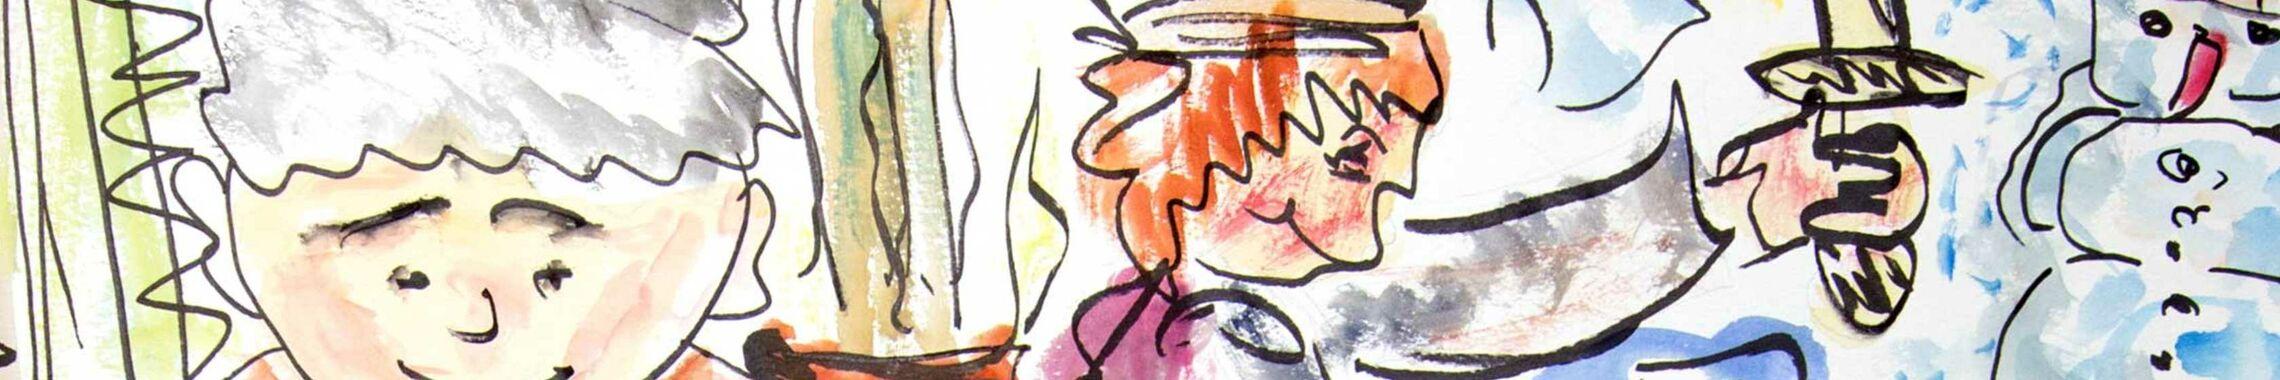 zeichnung_taufe_1